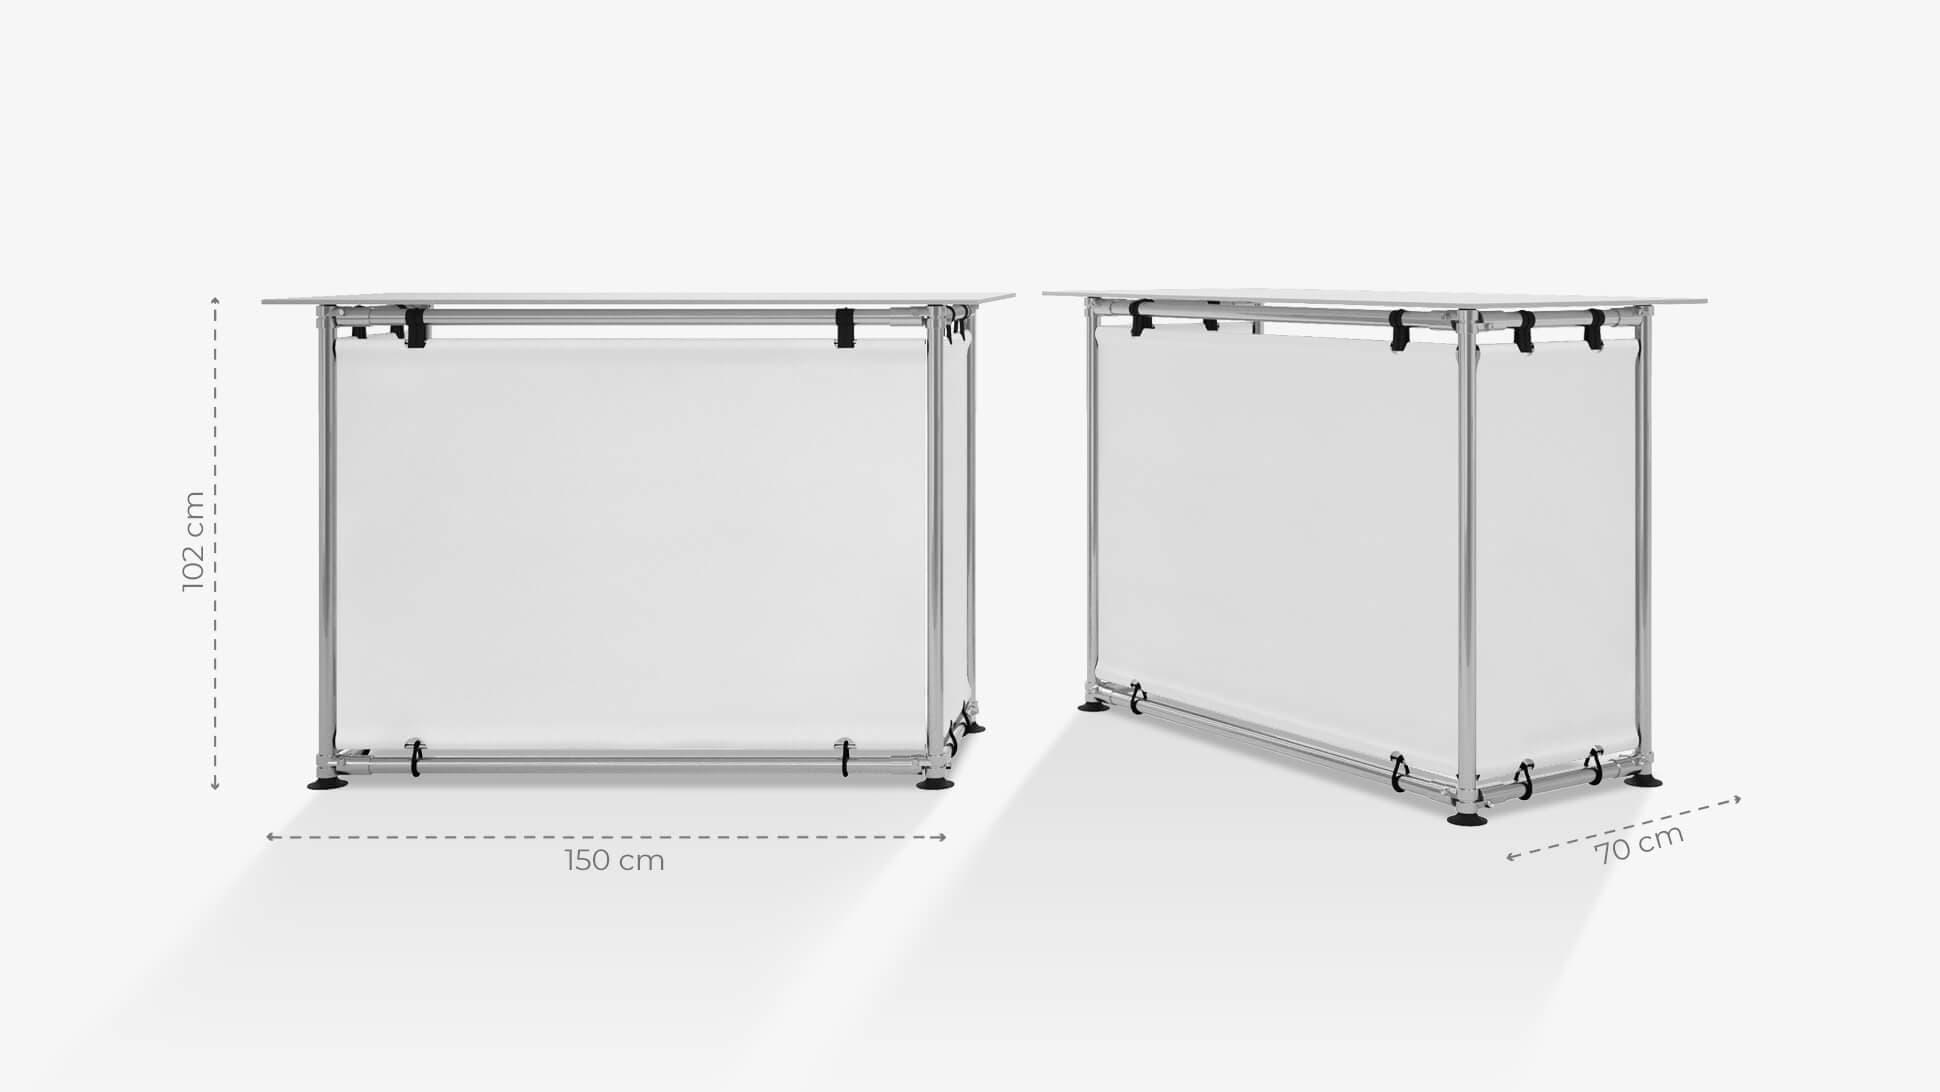 Banchetto promozionale 102x150 cm personalizzabile | tictac.it